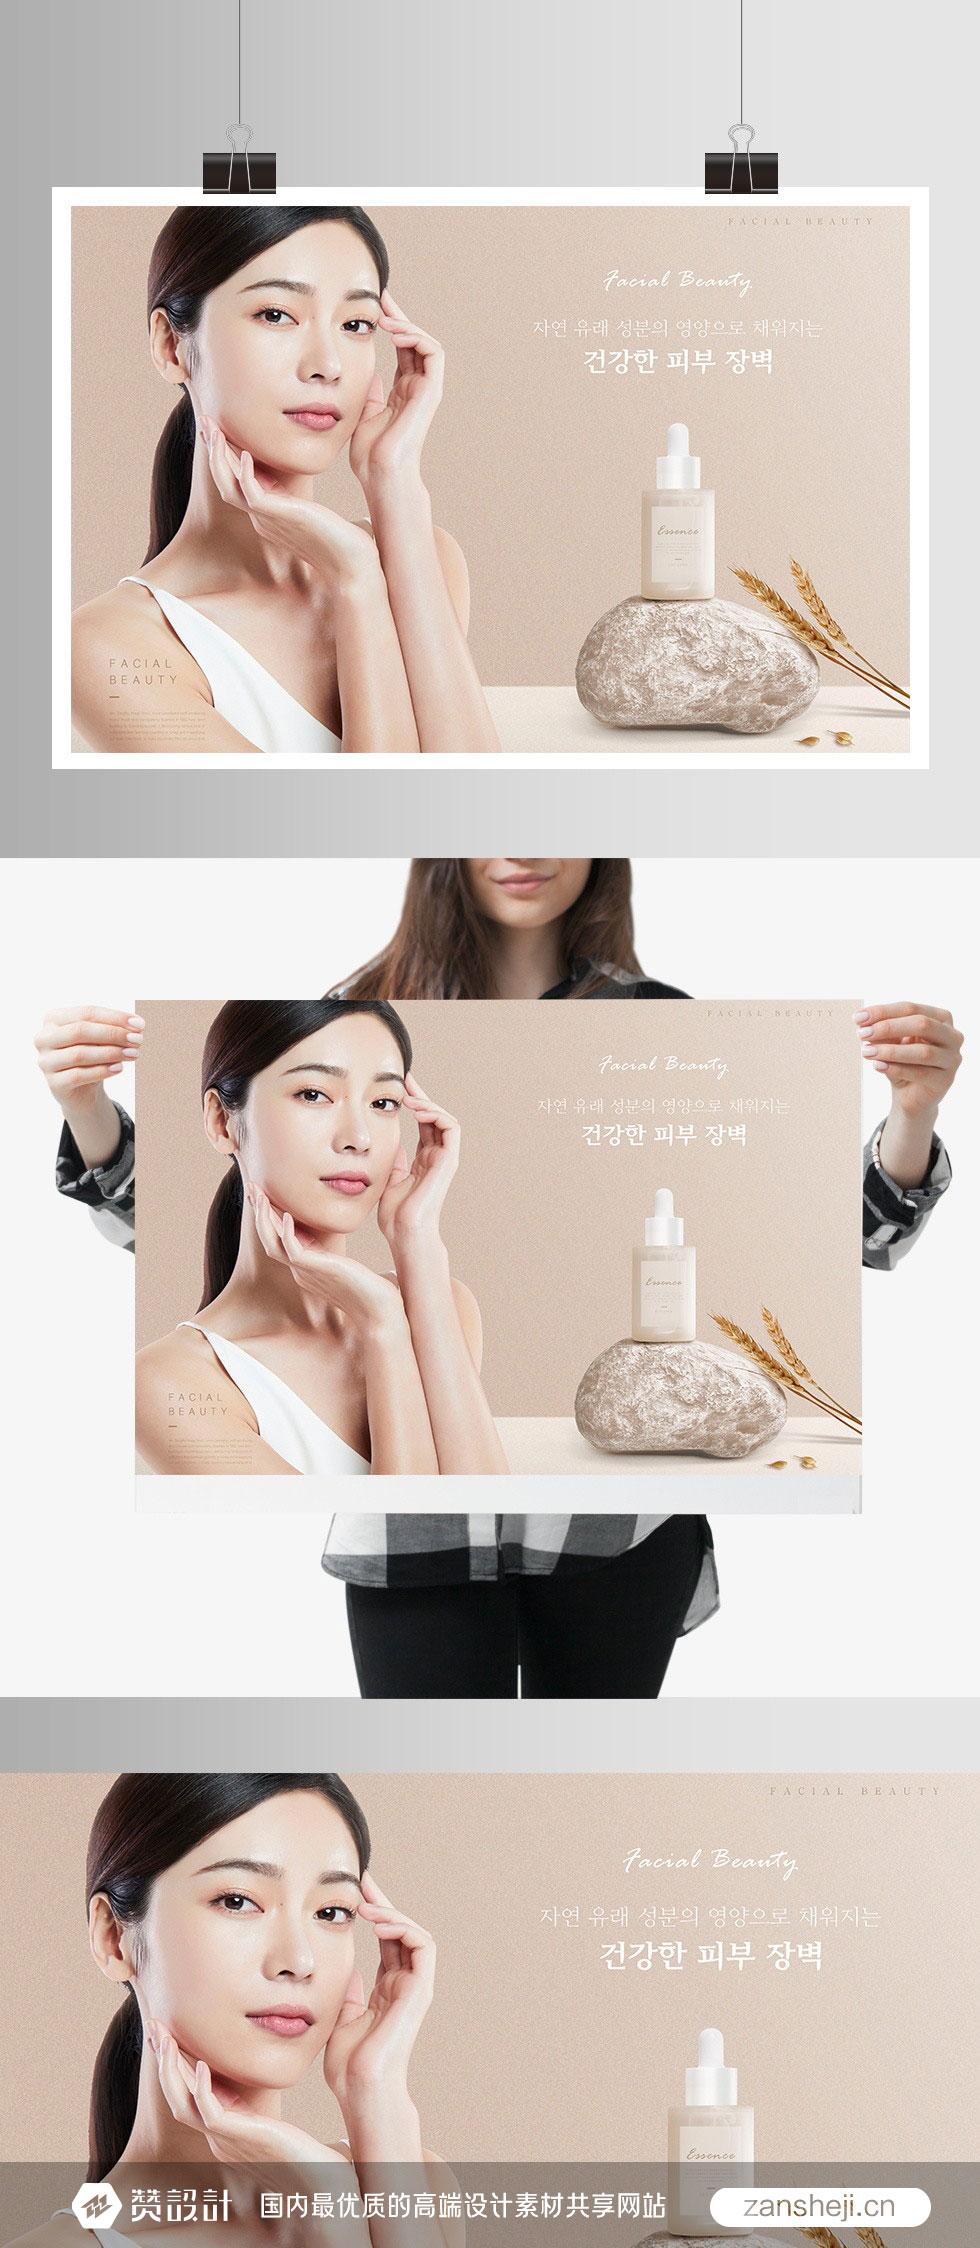 化妆品保养品广告模板设计